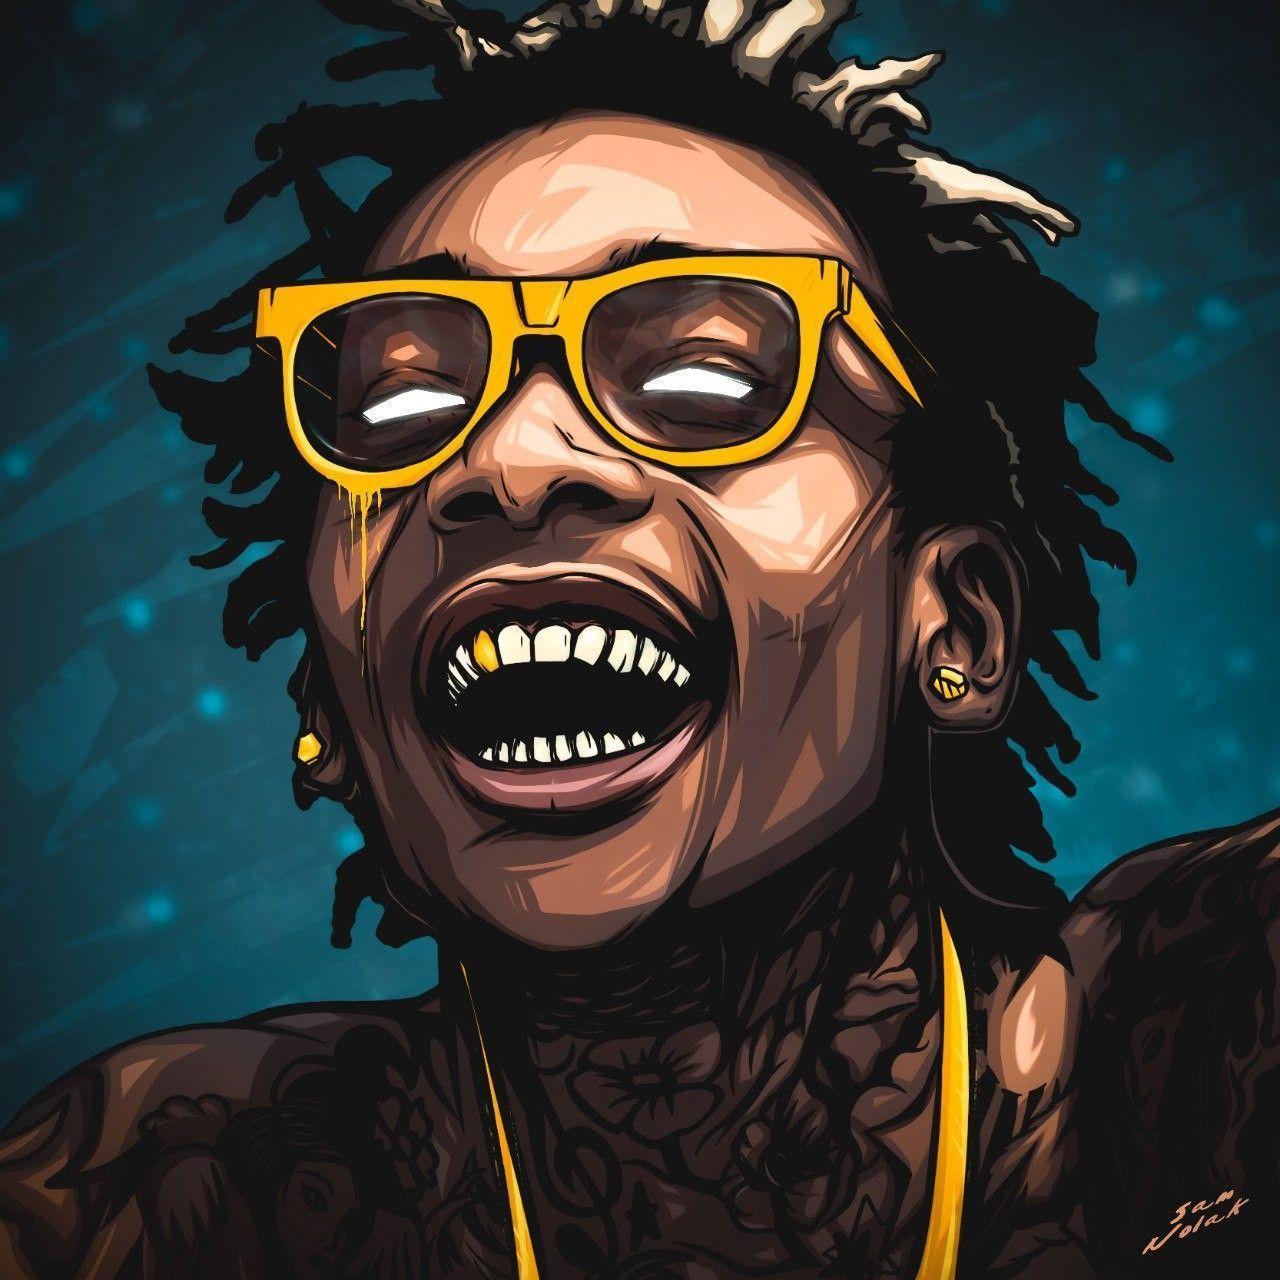 1280x1280 Sam Nolak Art Wiz Khalifa Digital Art Pinterest Wiz Khalifa Rapper Art The Wiz Wiz Khalifa